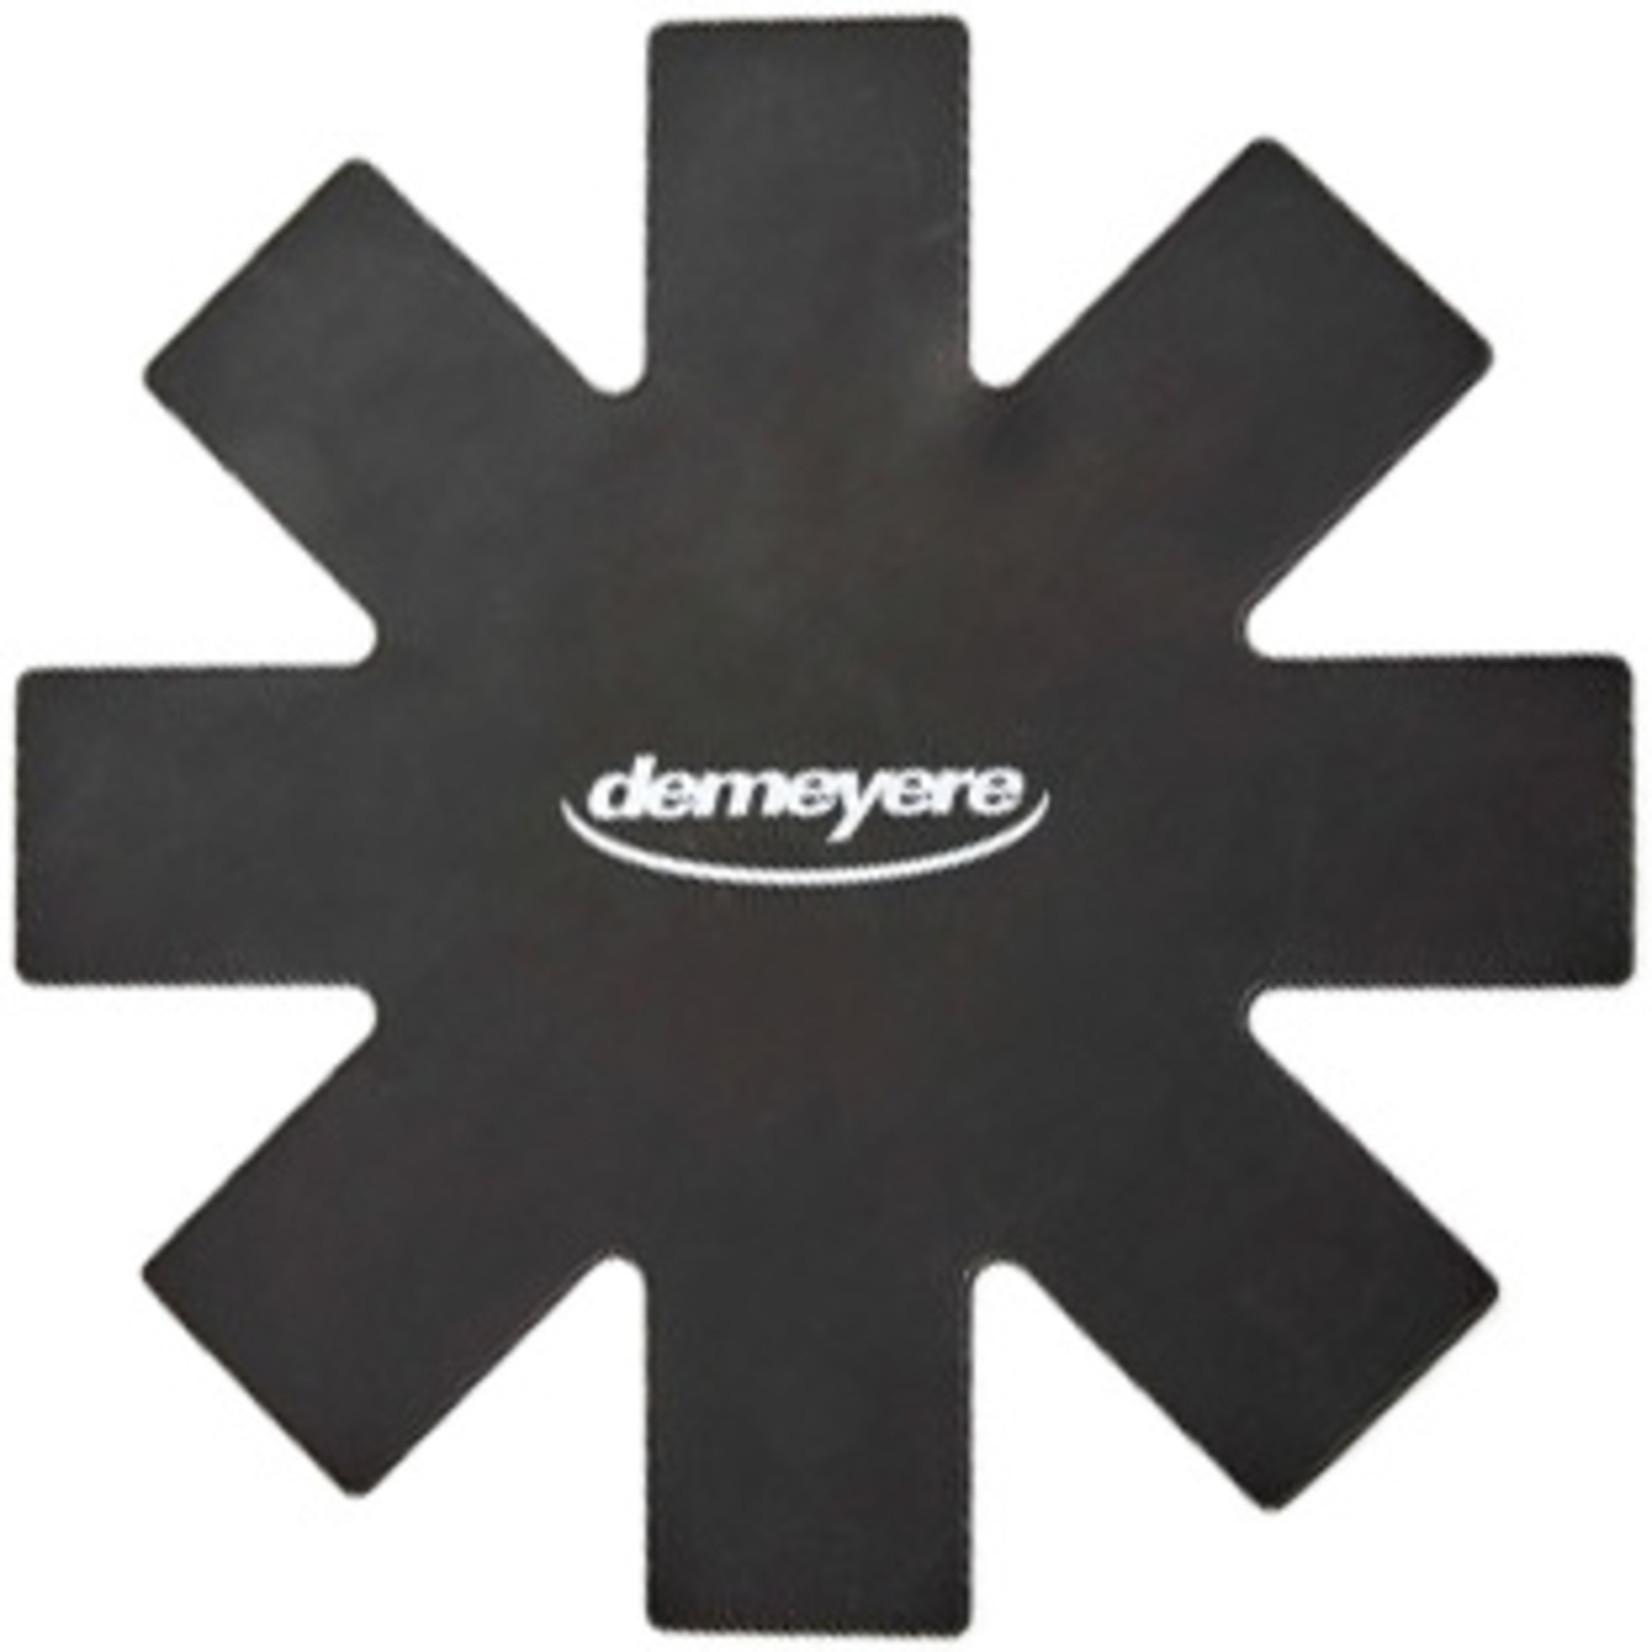 Demeyere Demeyere panbeschermers set van 2